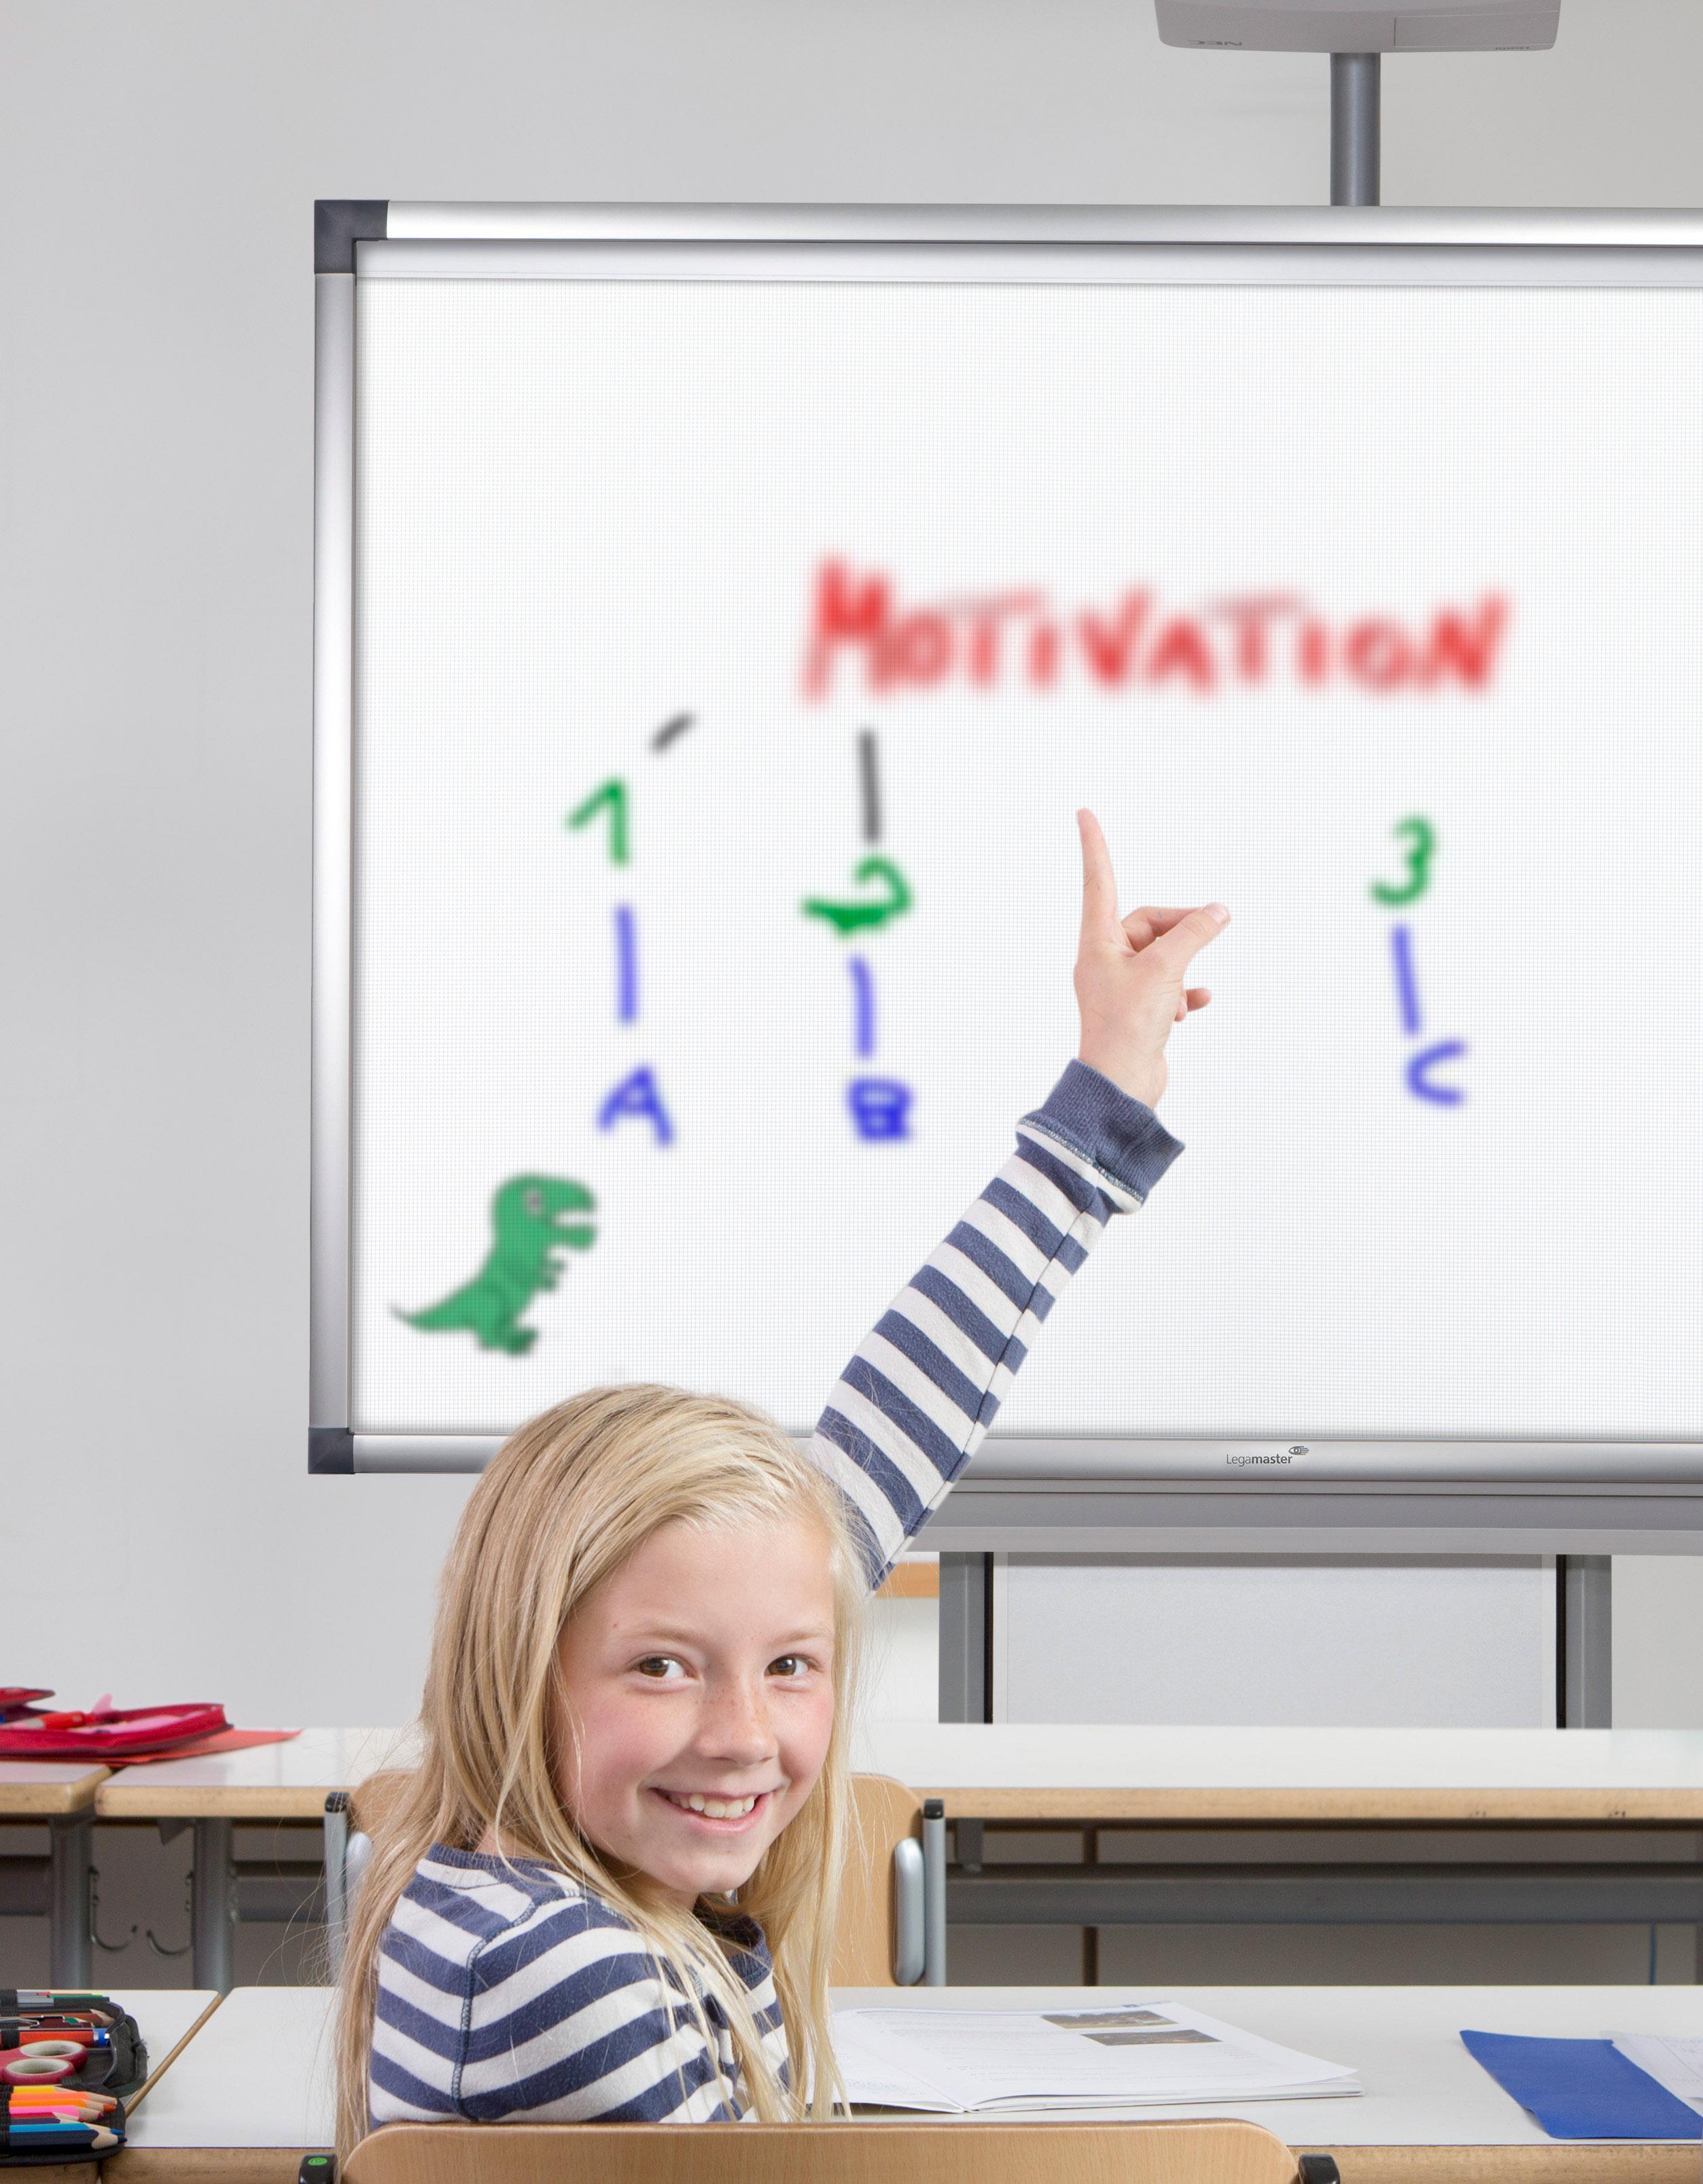 LEGAMASTER: Markenprodukte für die visuelle Kommunikation im Klassenraum